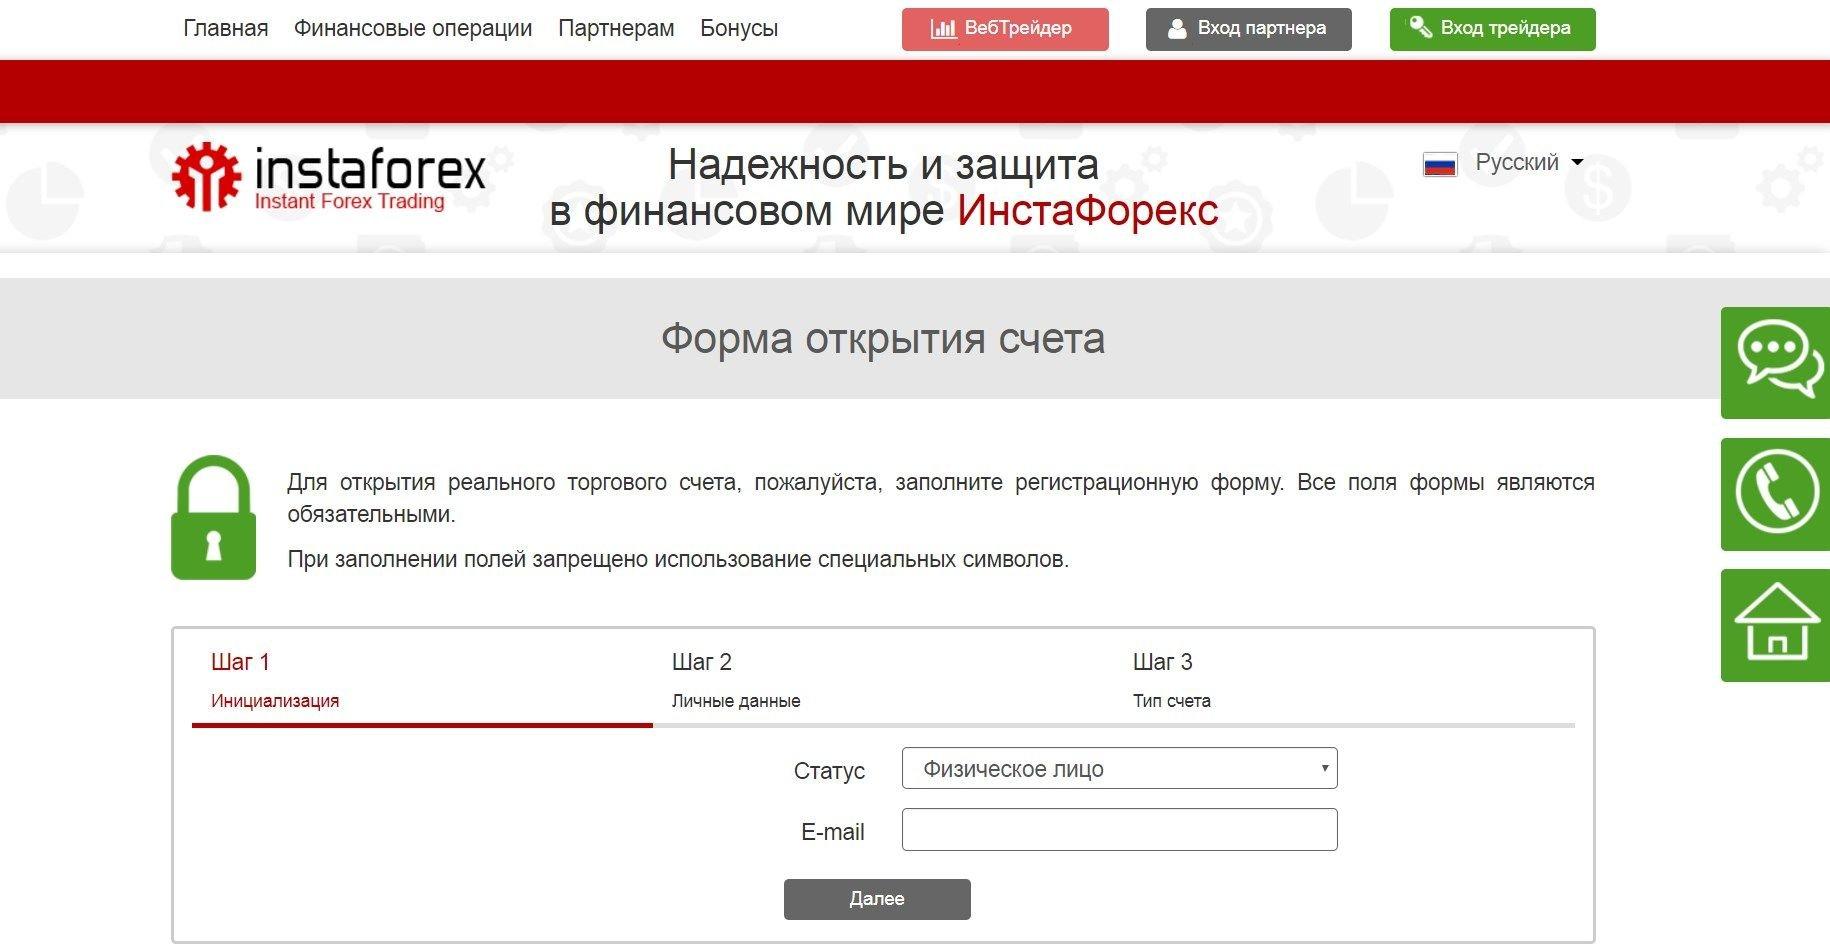 demo számla bináris opción regisztráció nélkül sbis trans kereskedés délre